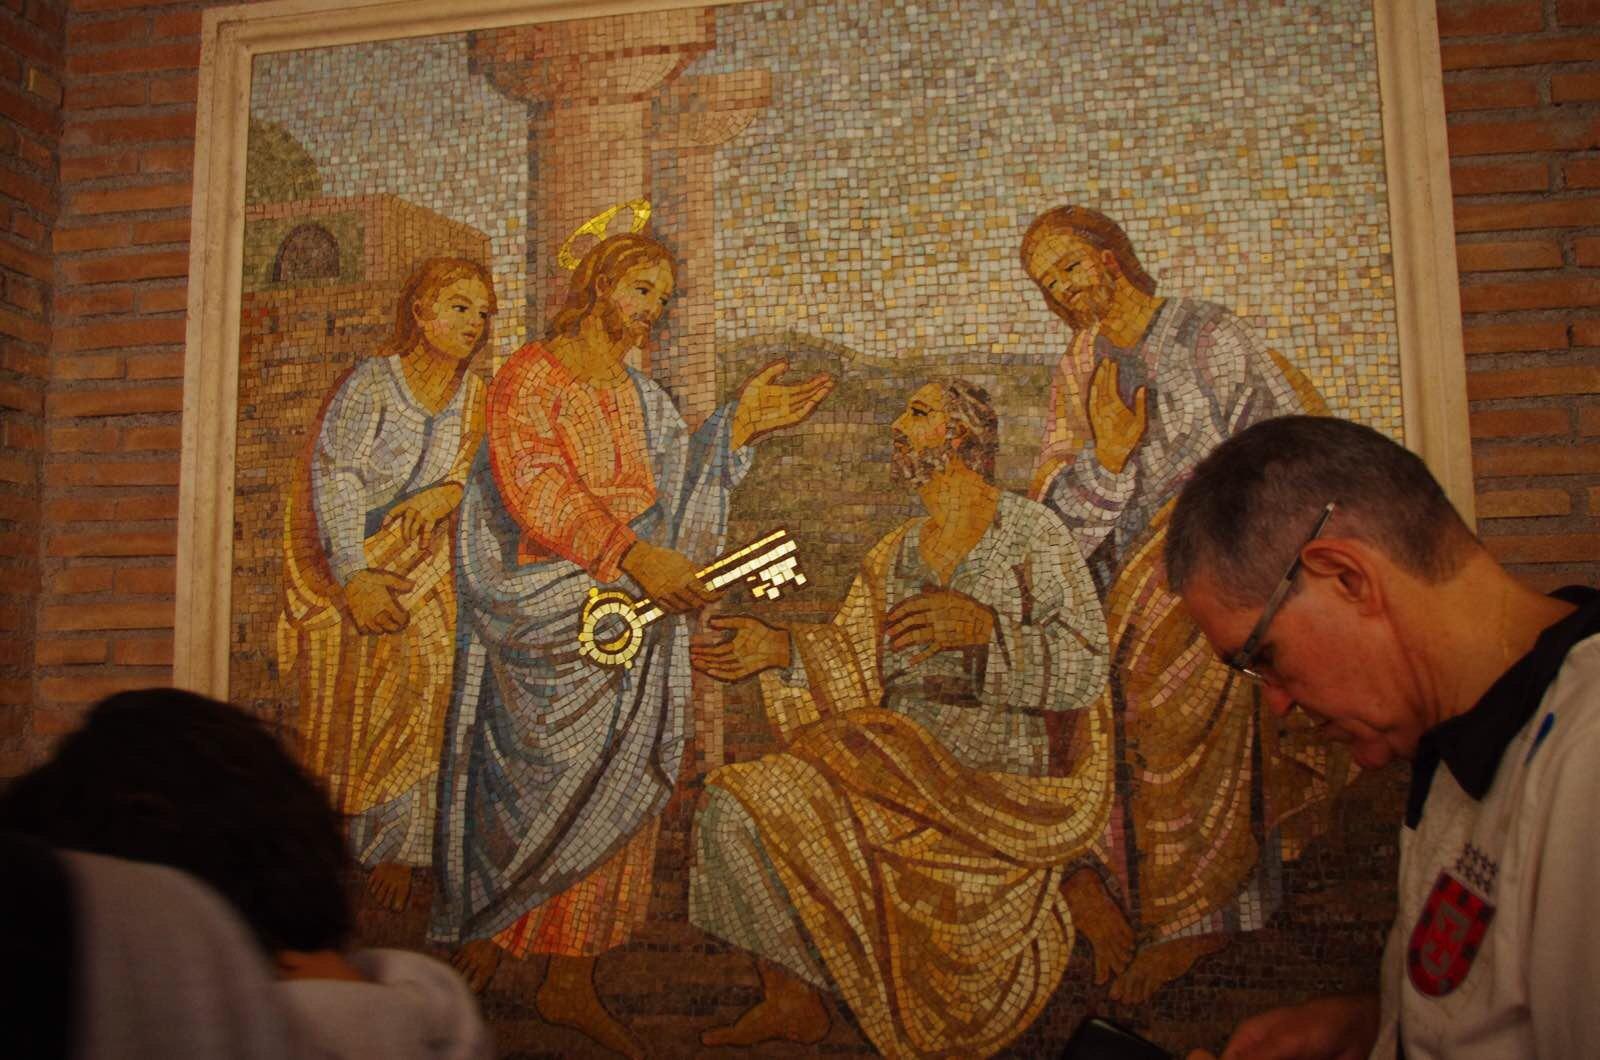 通往天堂的钥匙_耶稣将通往天堂的钥匙交给第一任教皇彼得